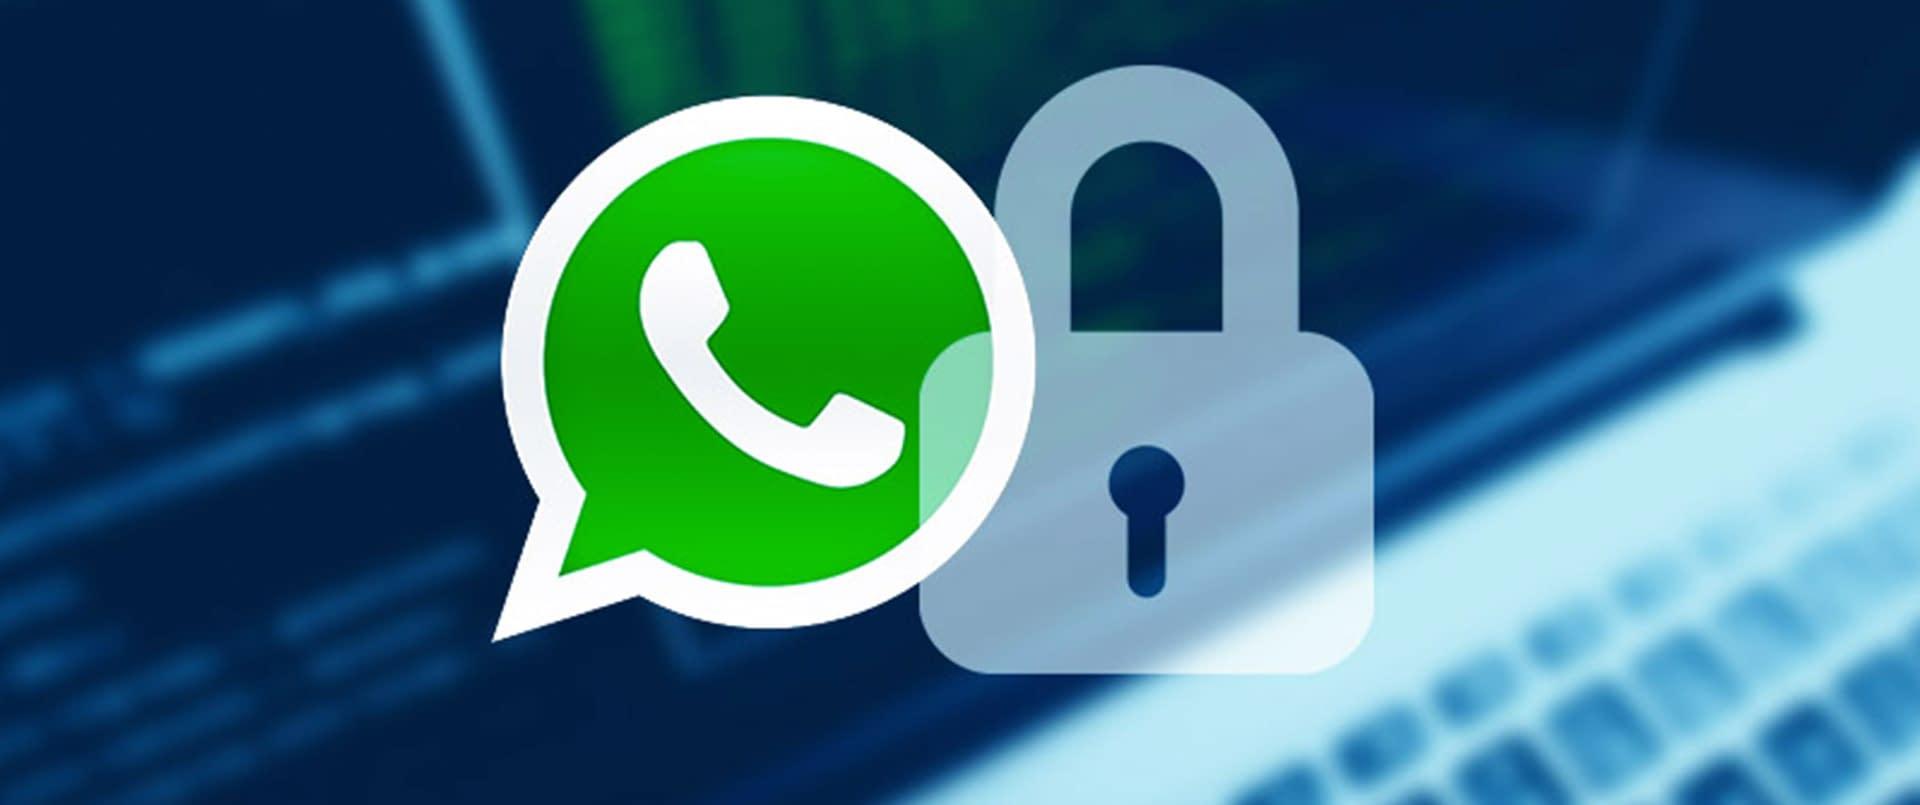 Vulnerabilidade no WhatsApp pode levar ao roubo de dados de milhões de usuários